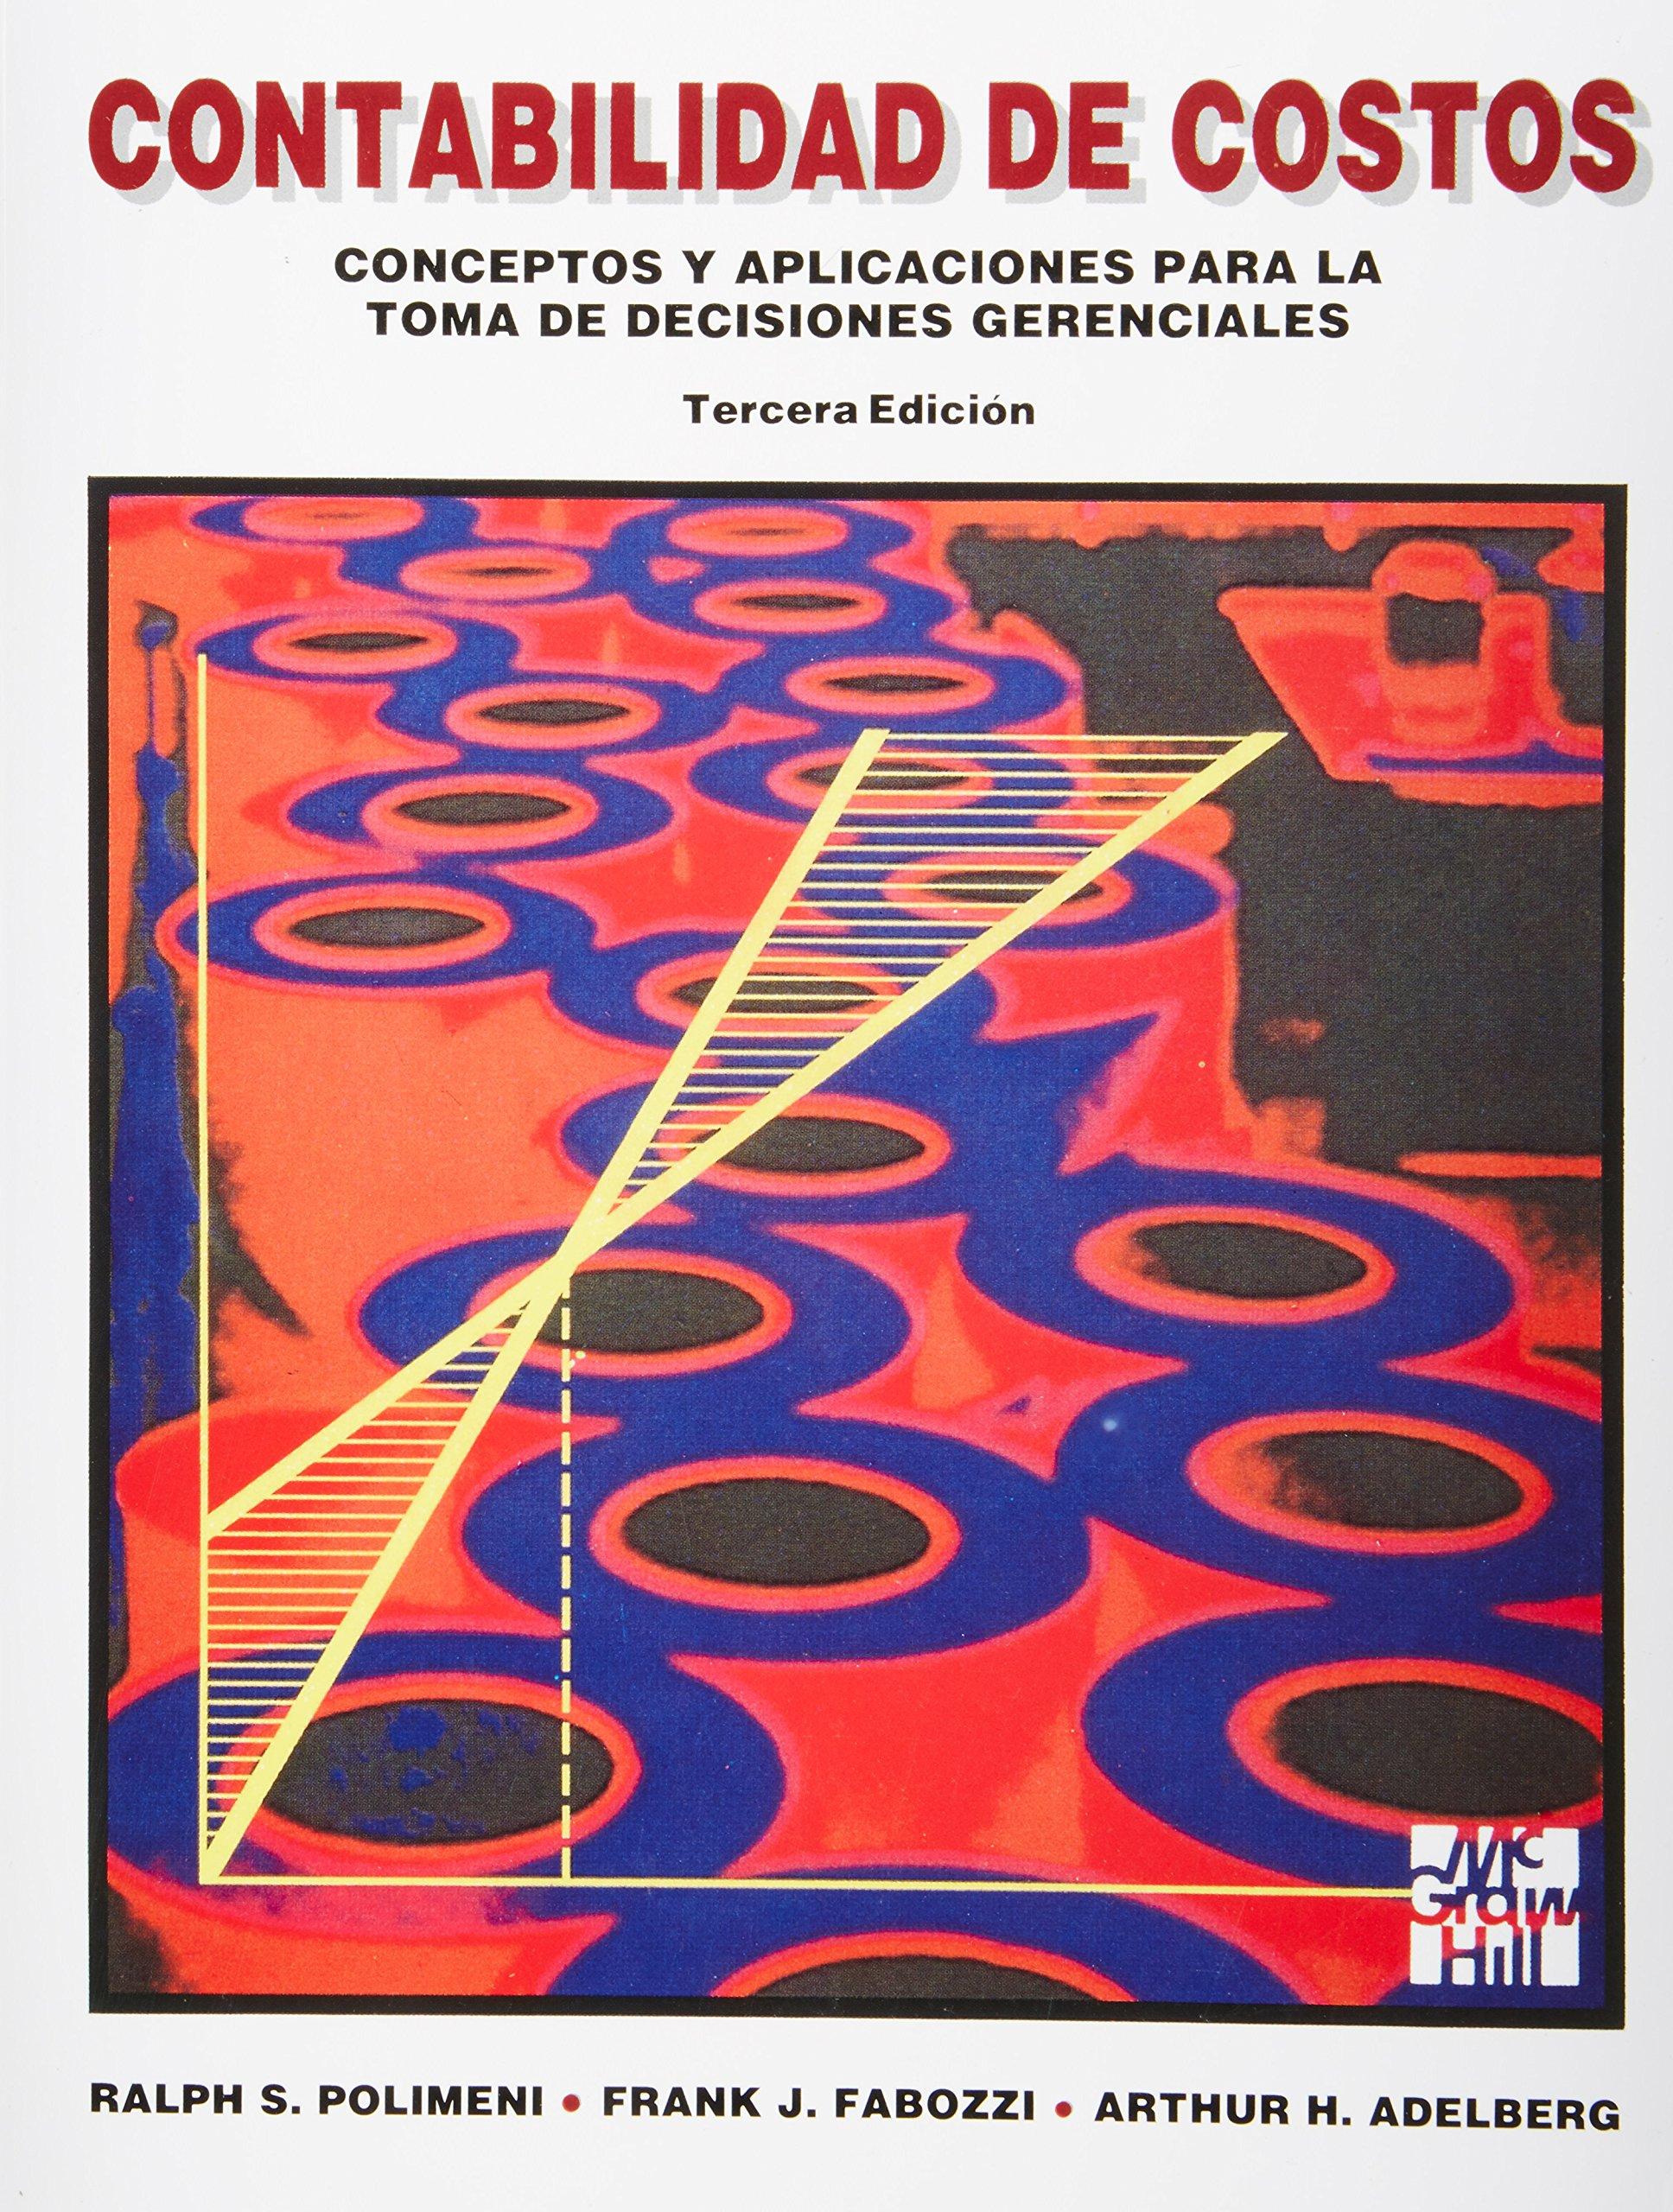 Contabilidad de Costos (Spanish Edition) by McGraw-Hill Companies